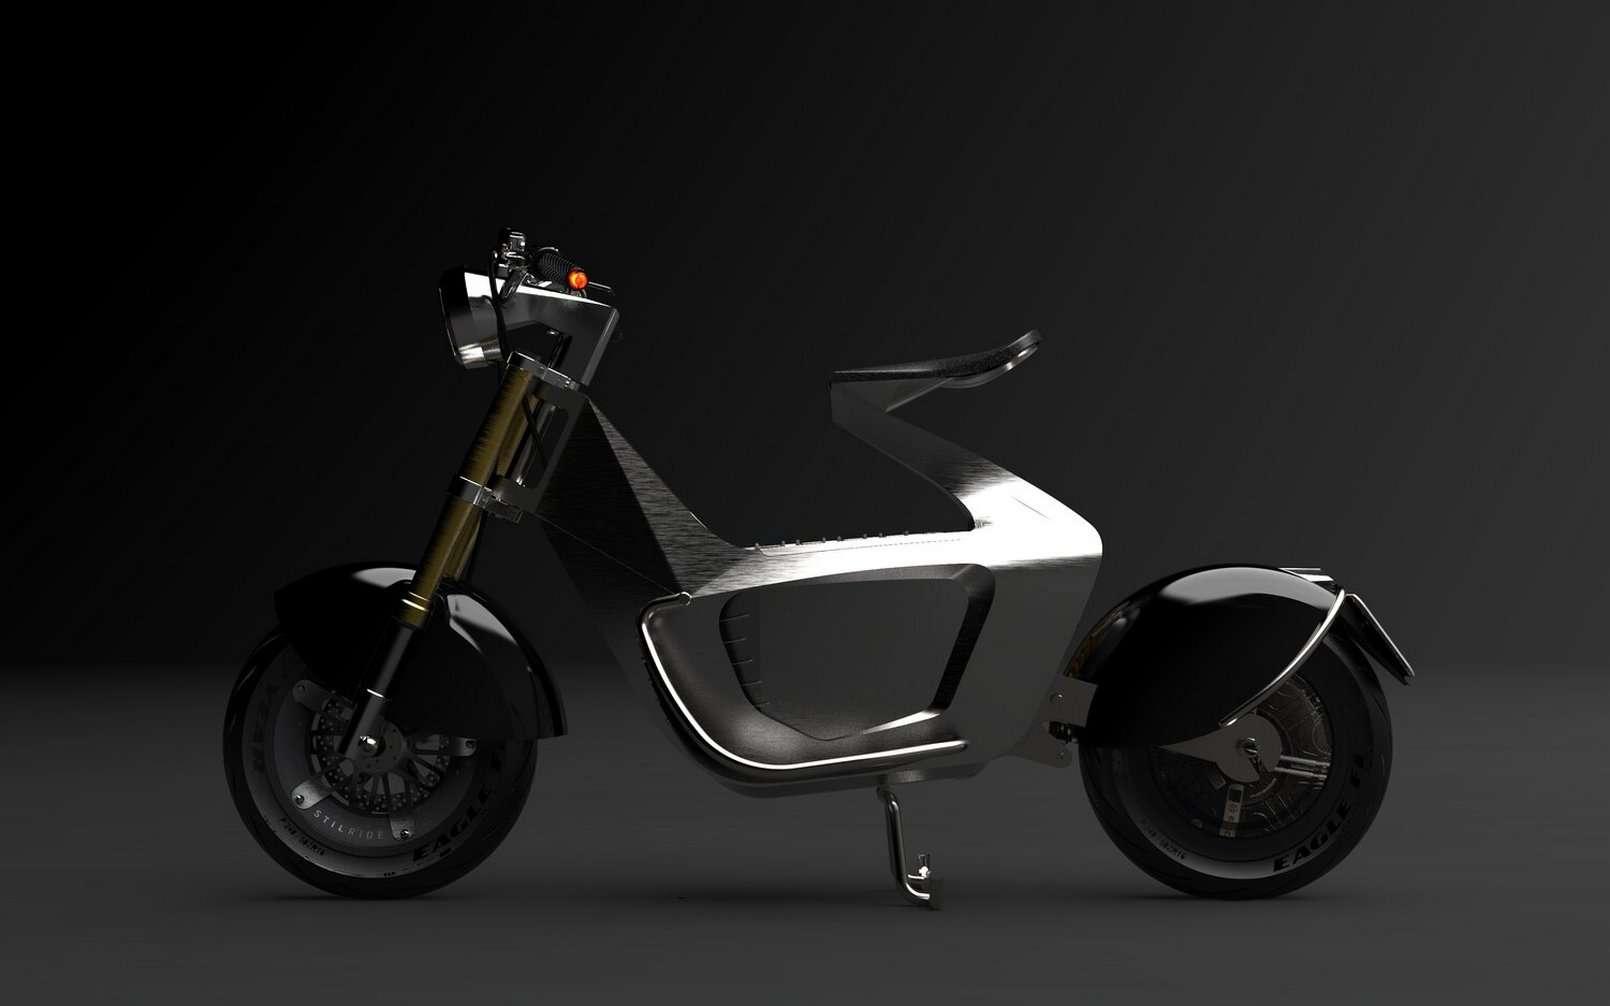 Le prototype de scooter électrique de Stilride. © Stilride